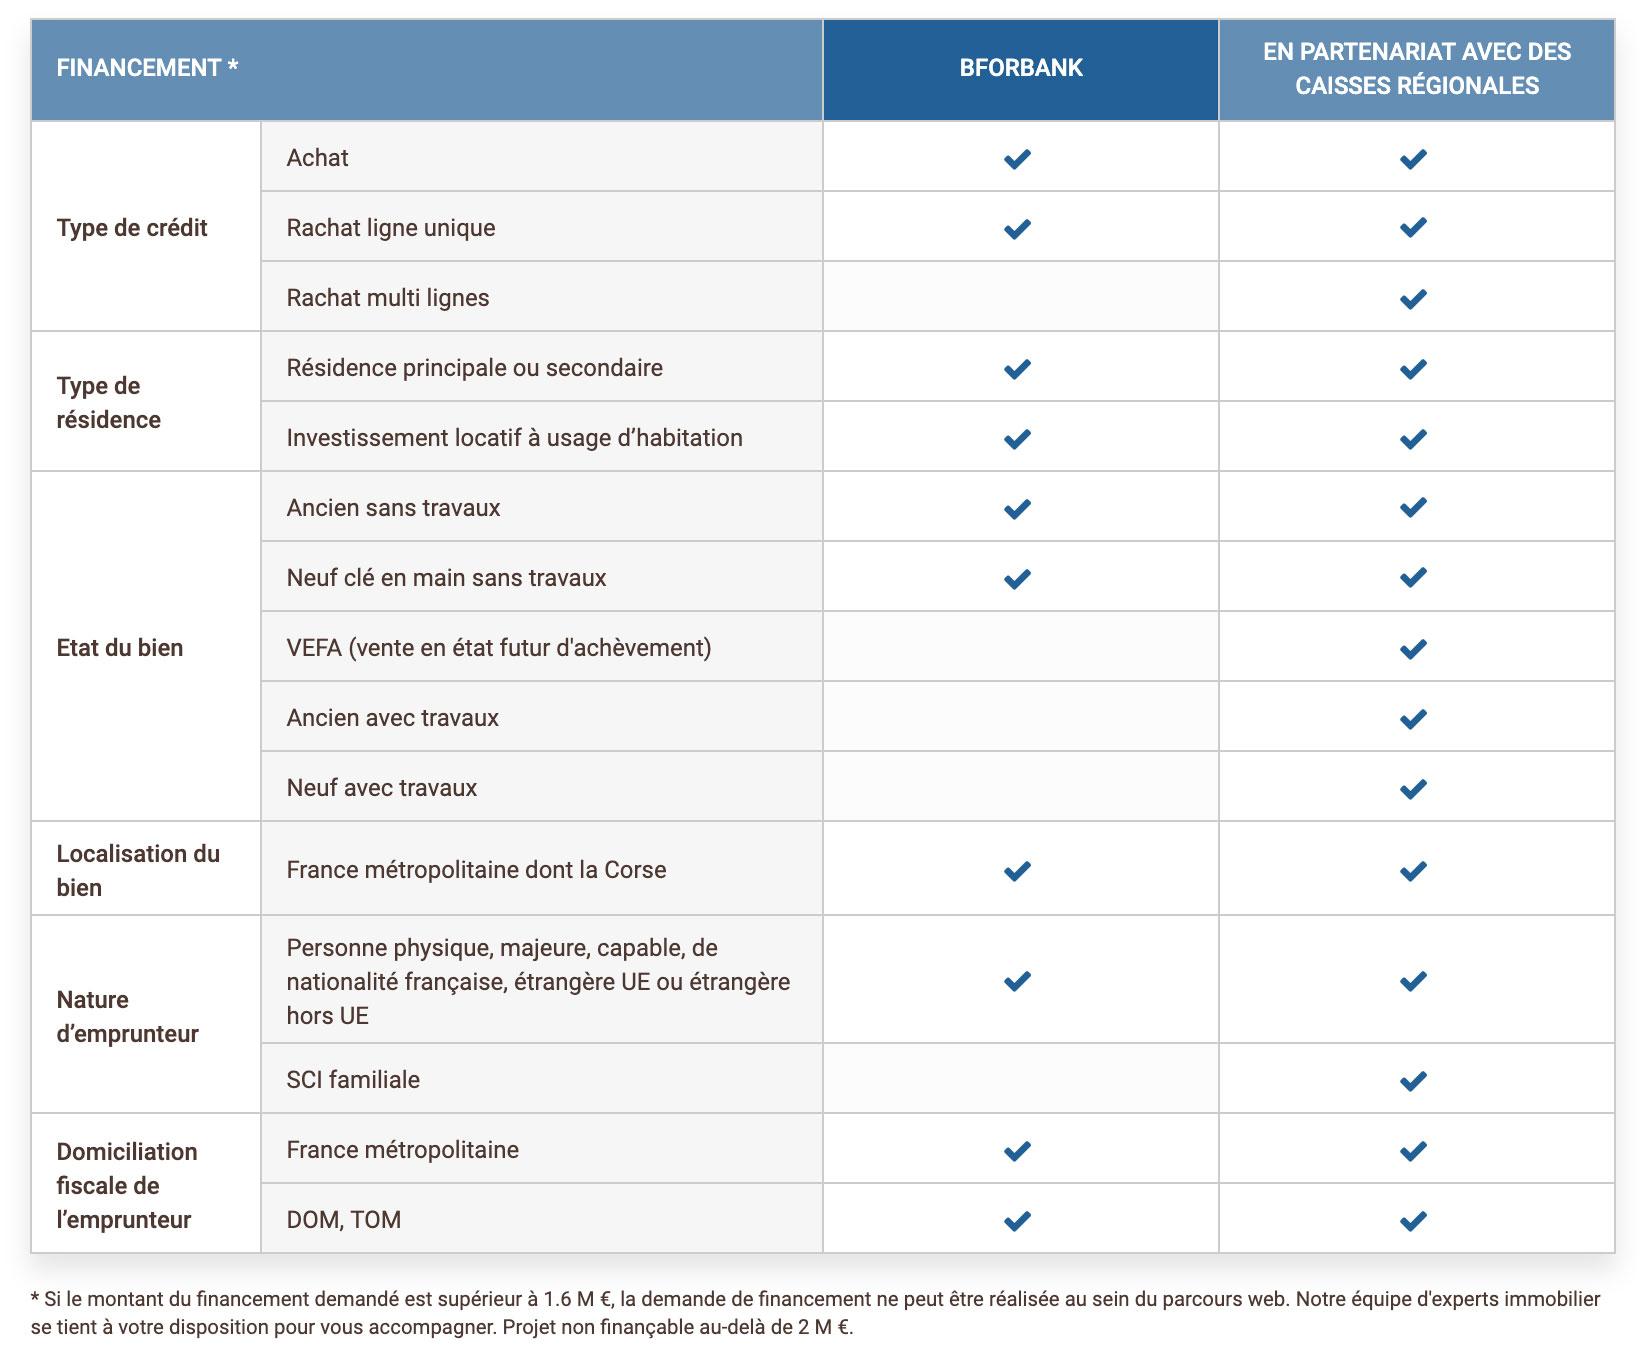 Types de crédits immobiliers de BforBank